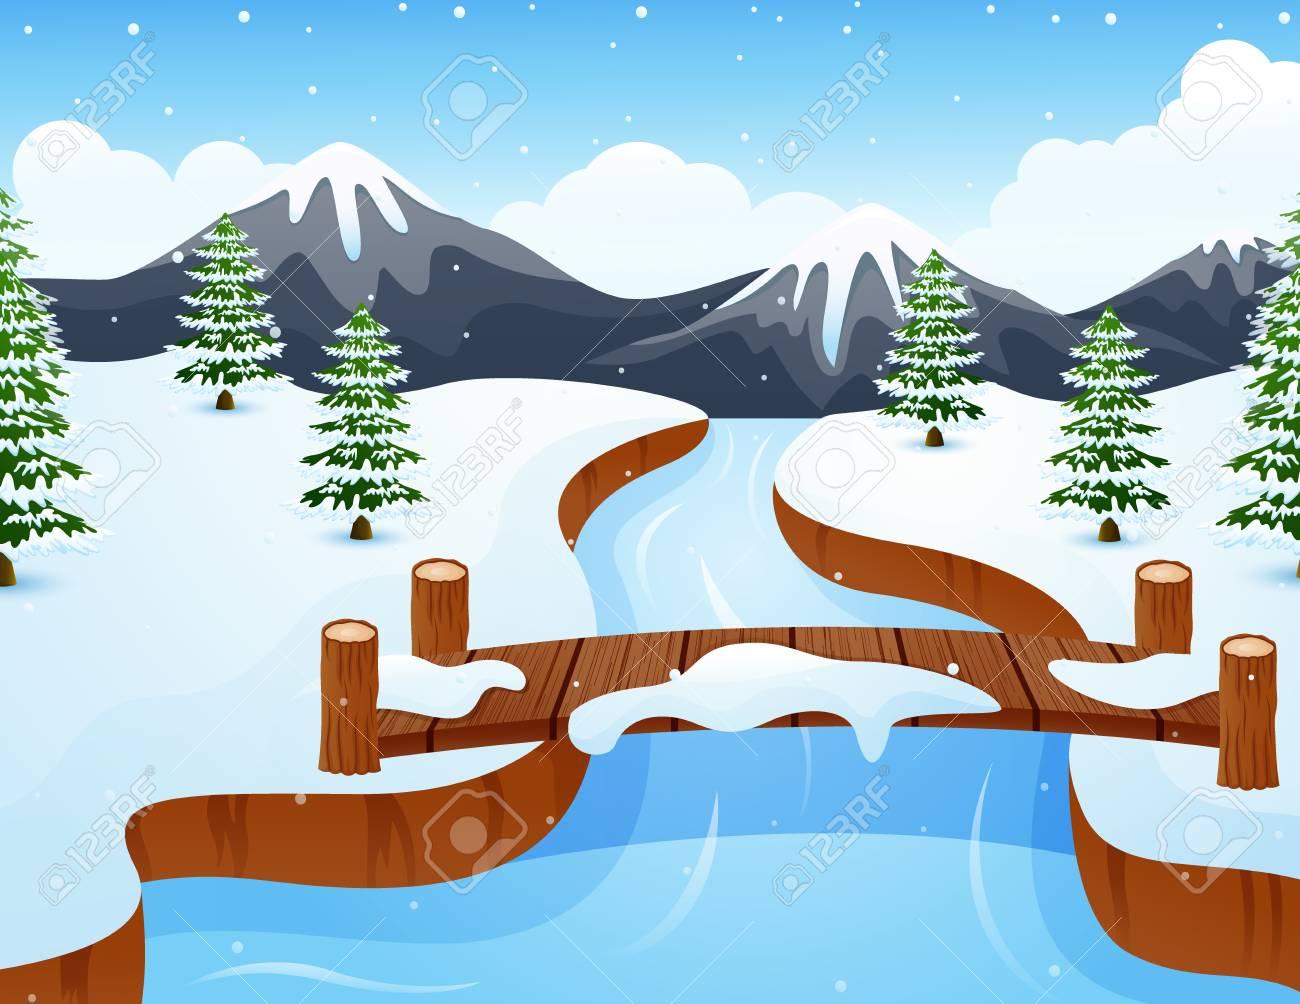 Paysage D'hiver De Dessin Animé Avec Des Montagnes Et Petit Pont En Bois  Au-Dessus De La Rivière encequiconcerne Dessin De Paysage D Hiver